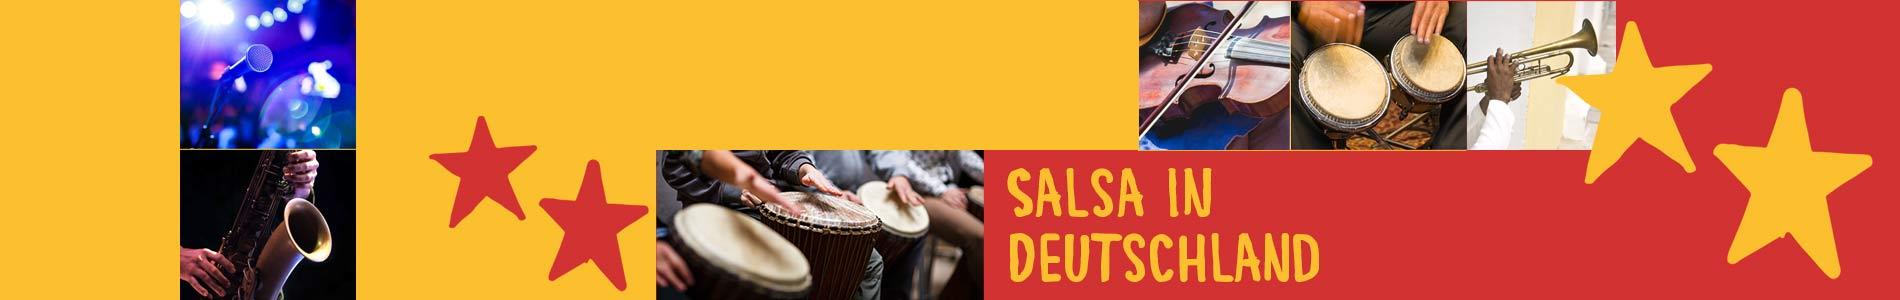 Salsa in Bramstedt – Salsa lernen und tanzen, Tanzkurse, Partys, Veranstaltungen